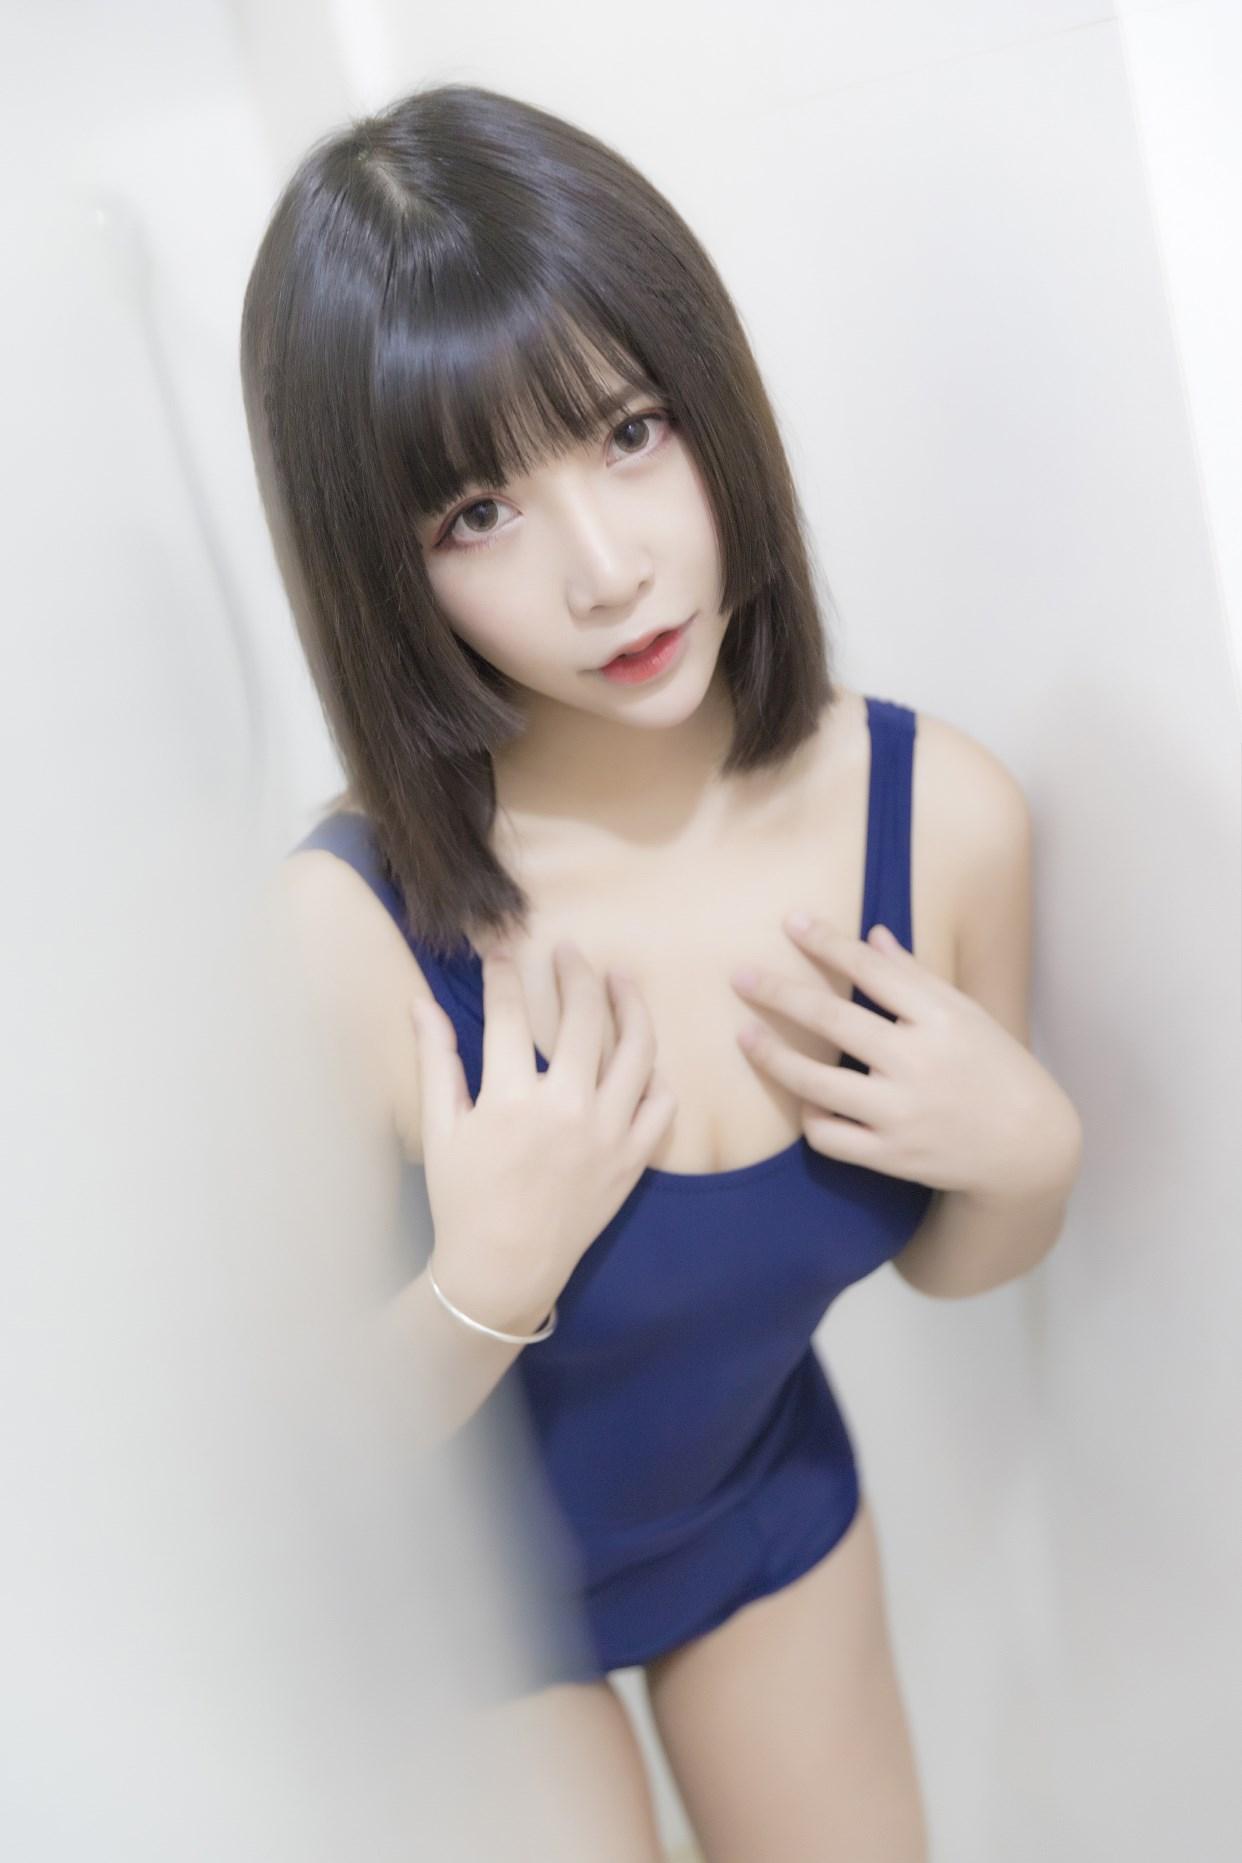 【兔玩映画】白丝死库水 兔玩映画 第21张